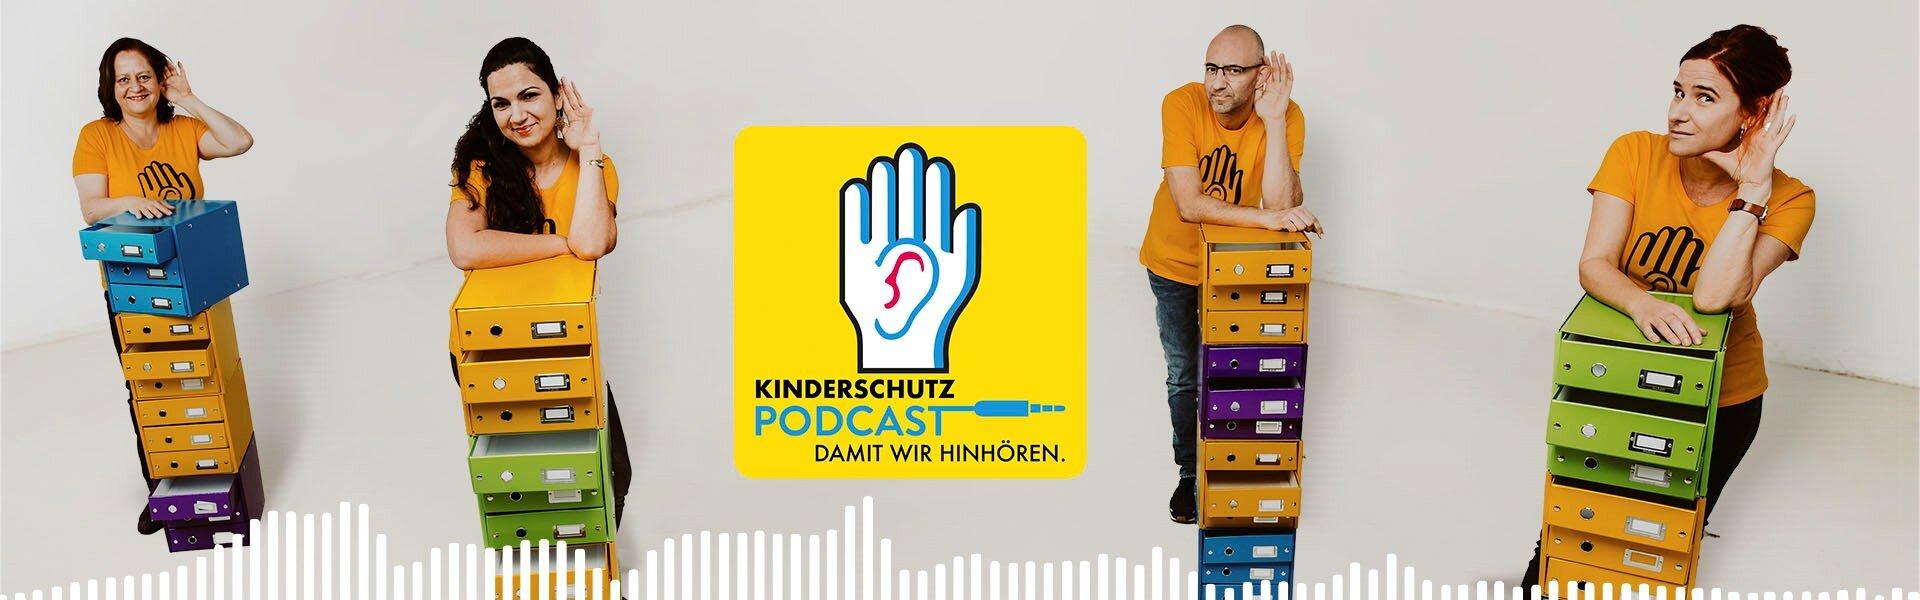 Interviewer Kinderschutz Podcast